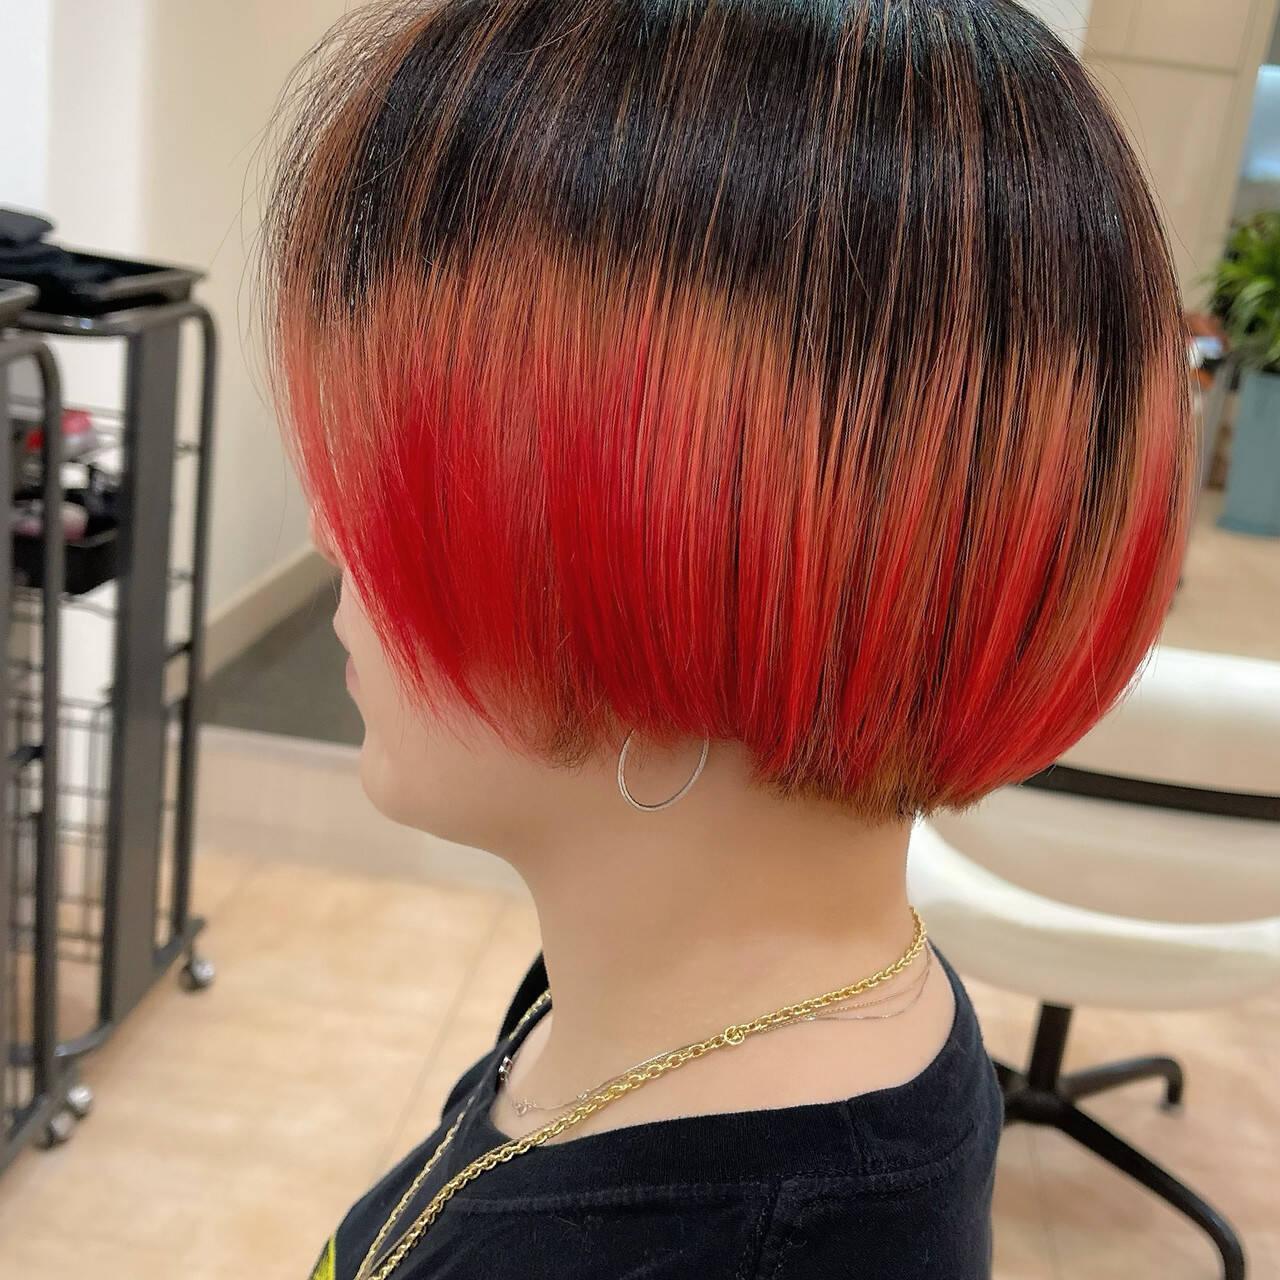 レッド 赤髪 レッドカラー ボブヘアスタイルや髪型の写真・画像